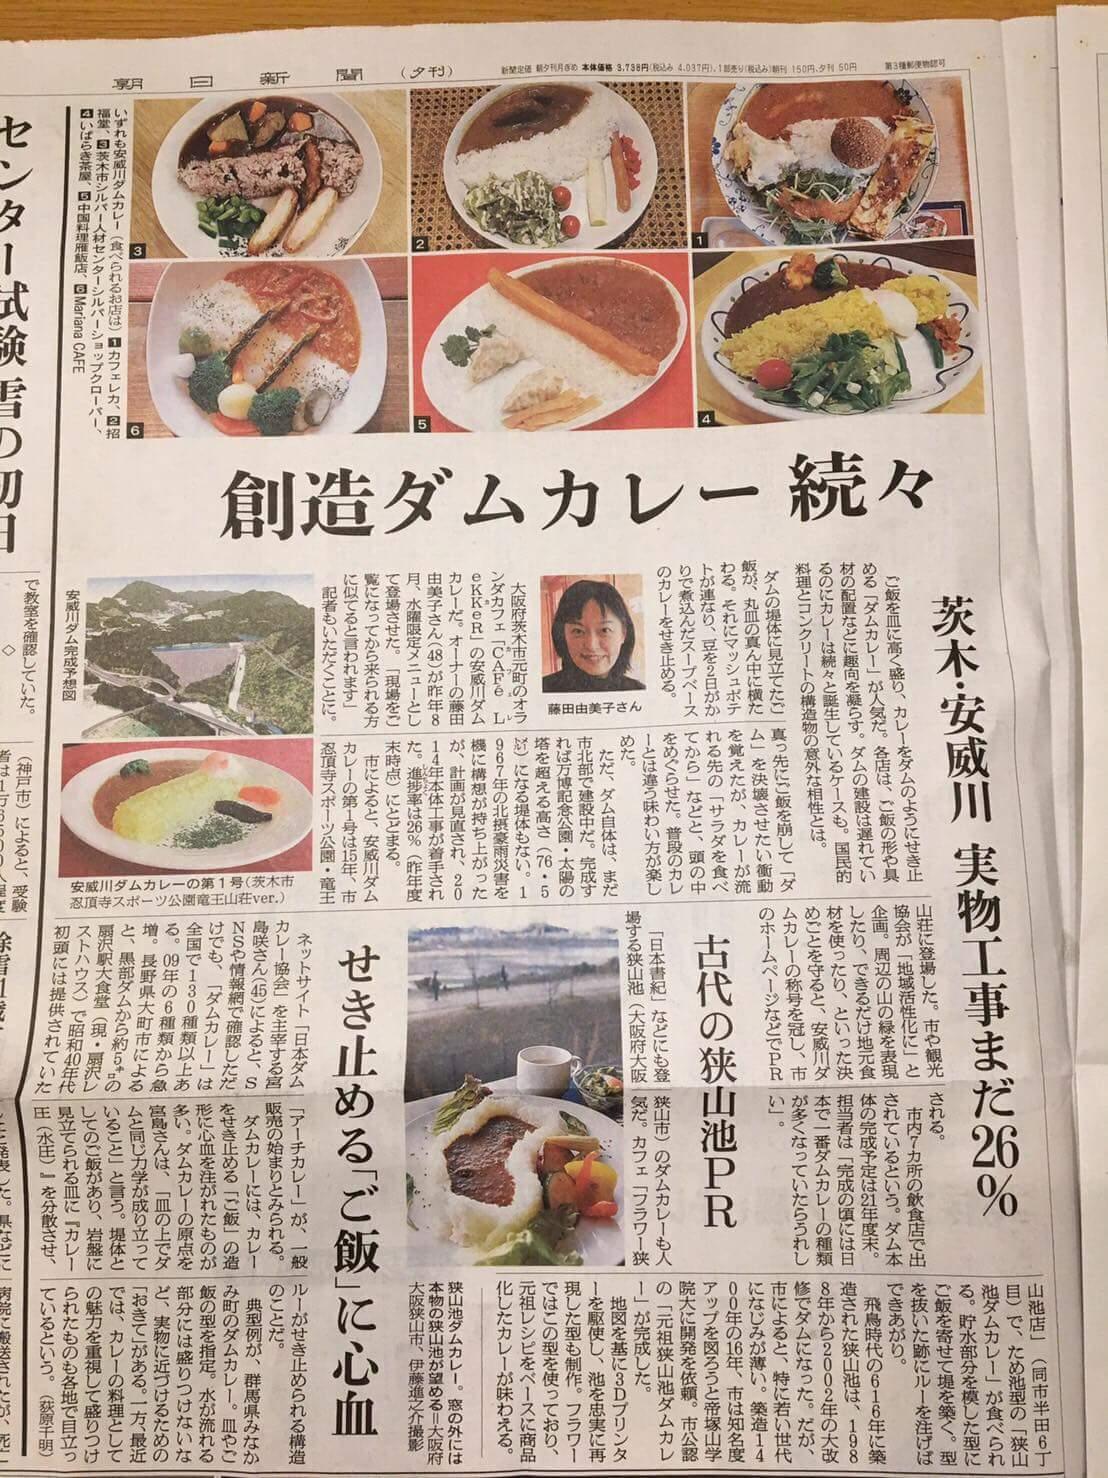 180113夕刊朝日新聞安威川ダムカレー